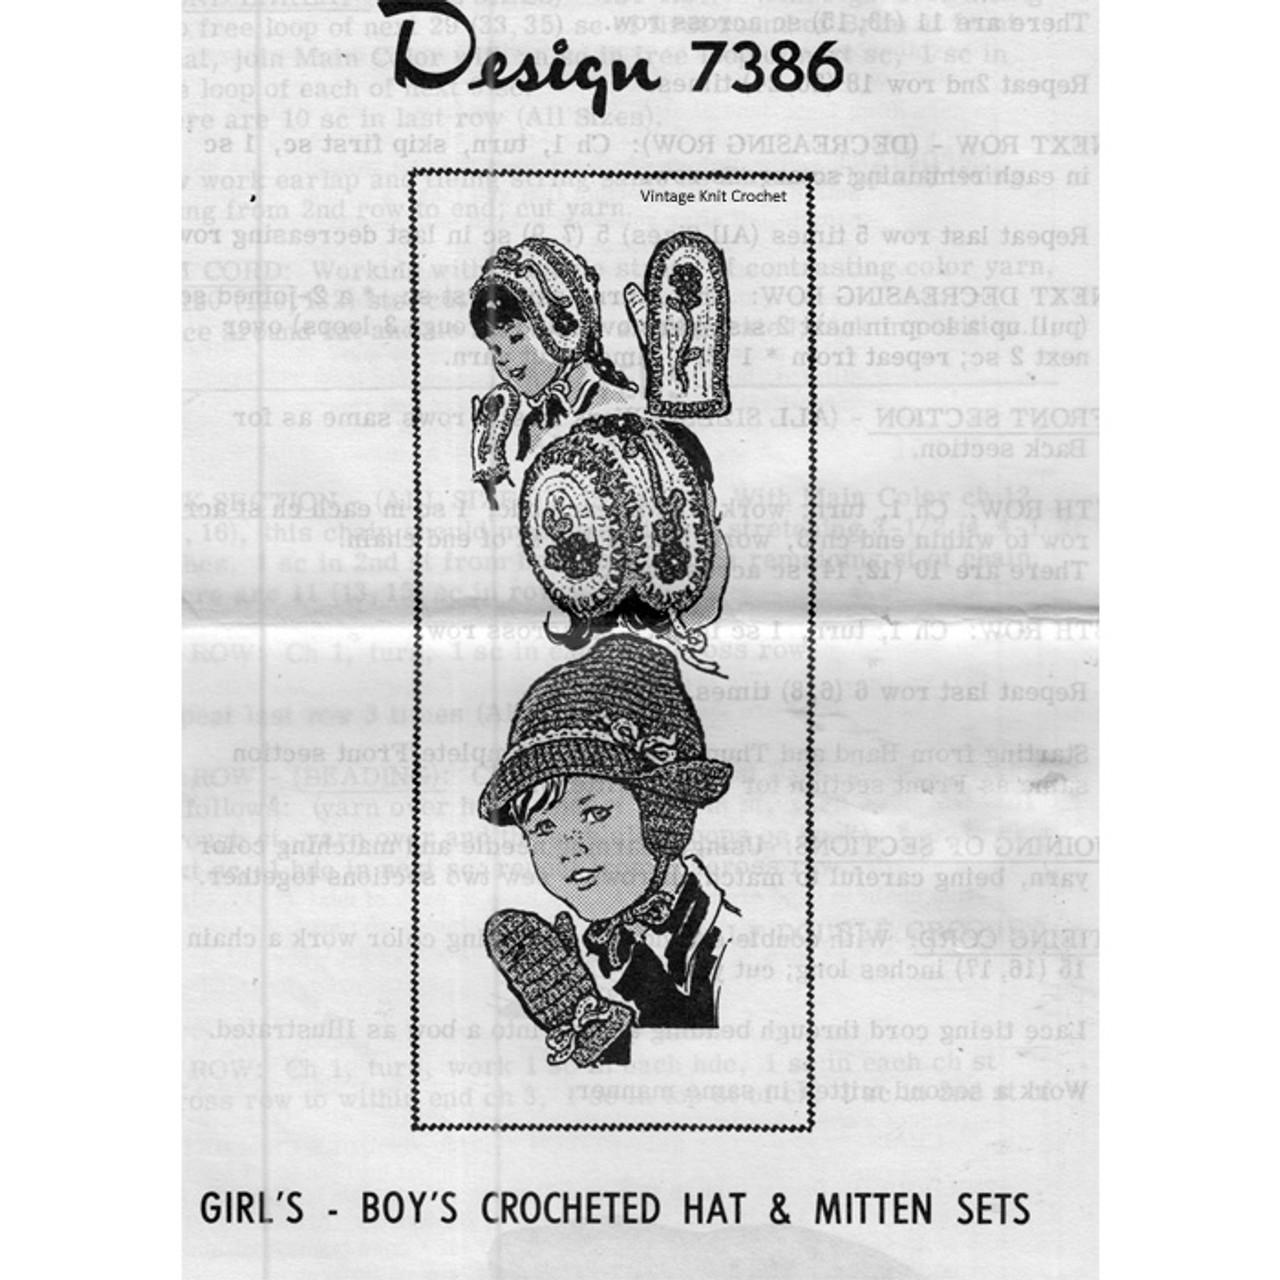 Mail Order Design 7386, Childs Crochet Hat Mitterns Pattern